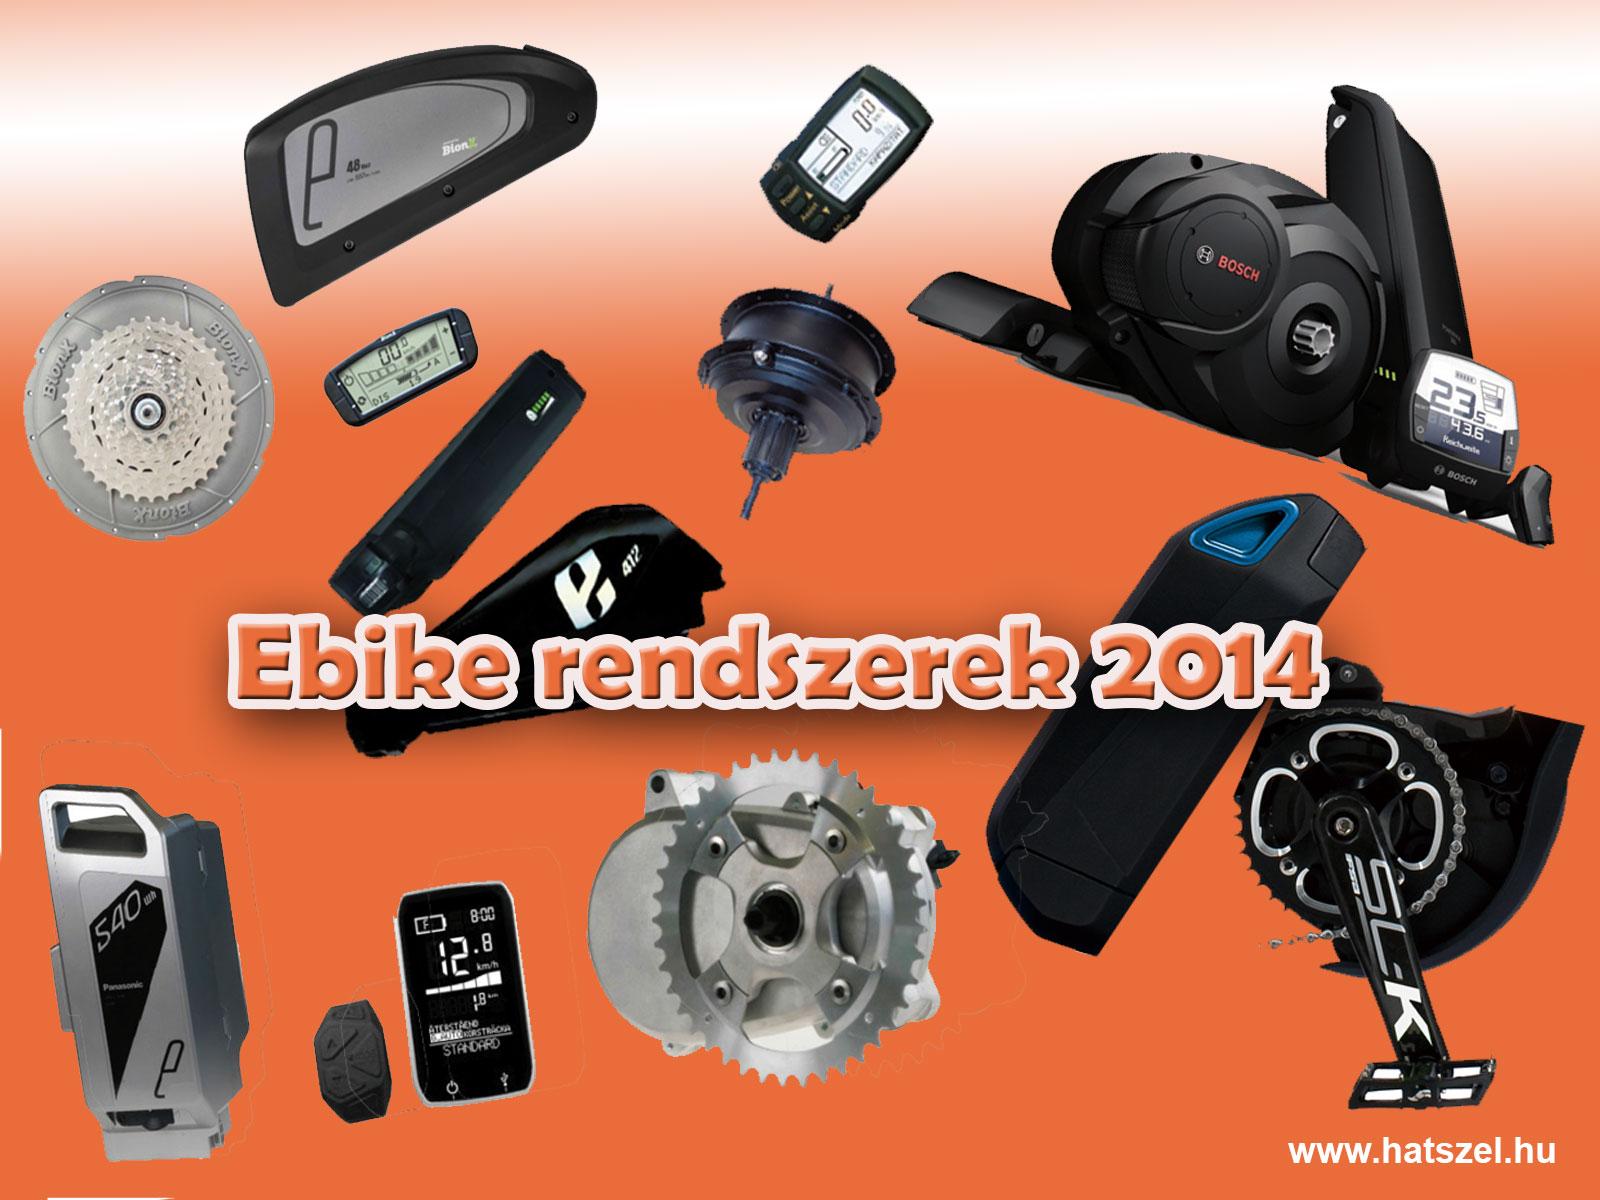 Ebike_rendszerek_2014